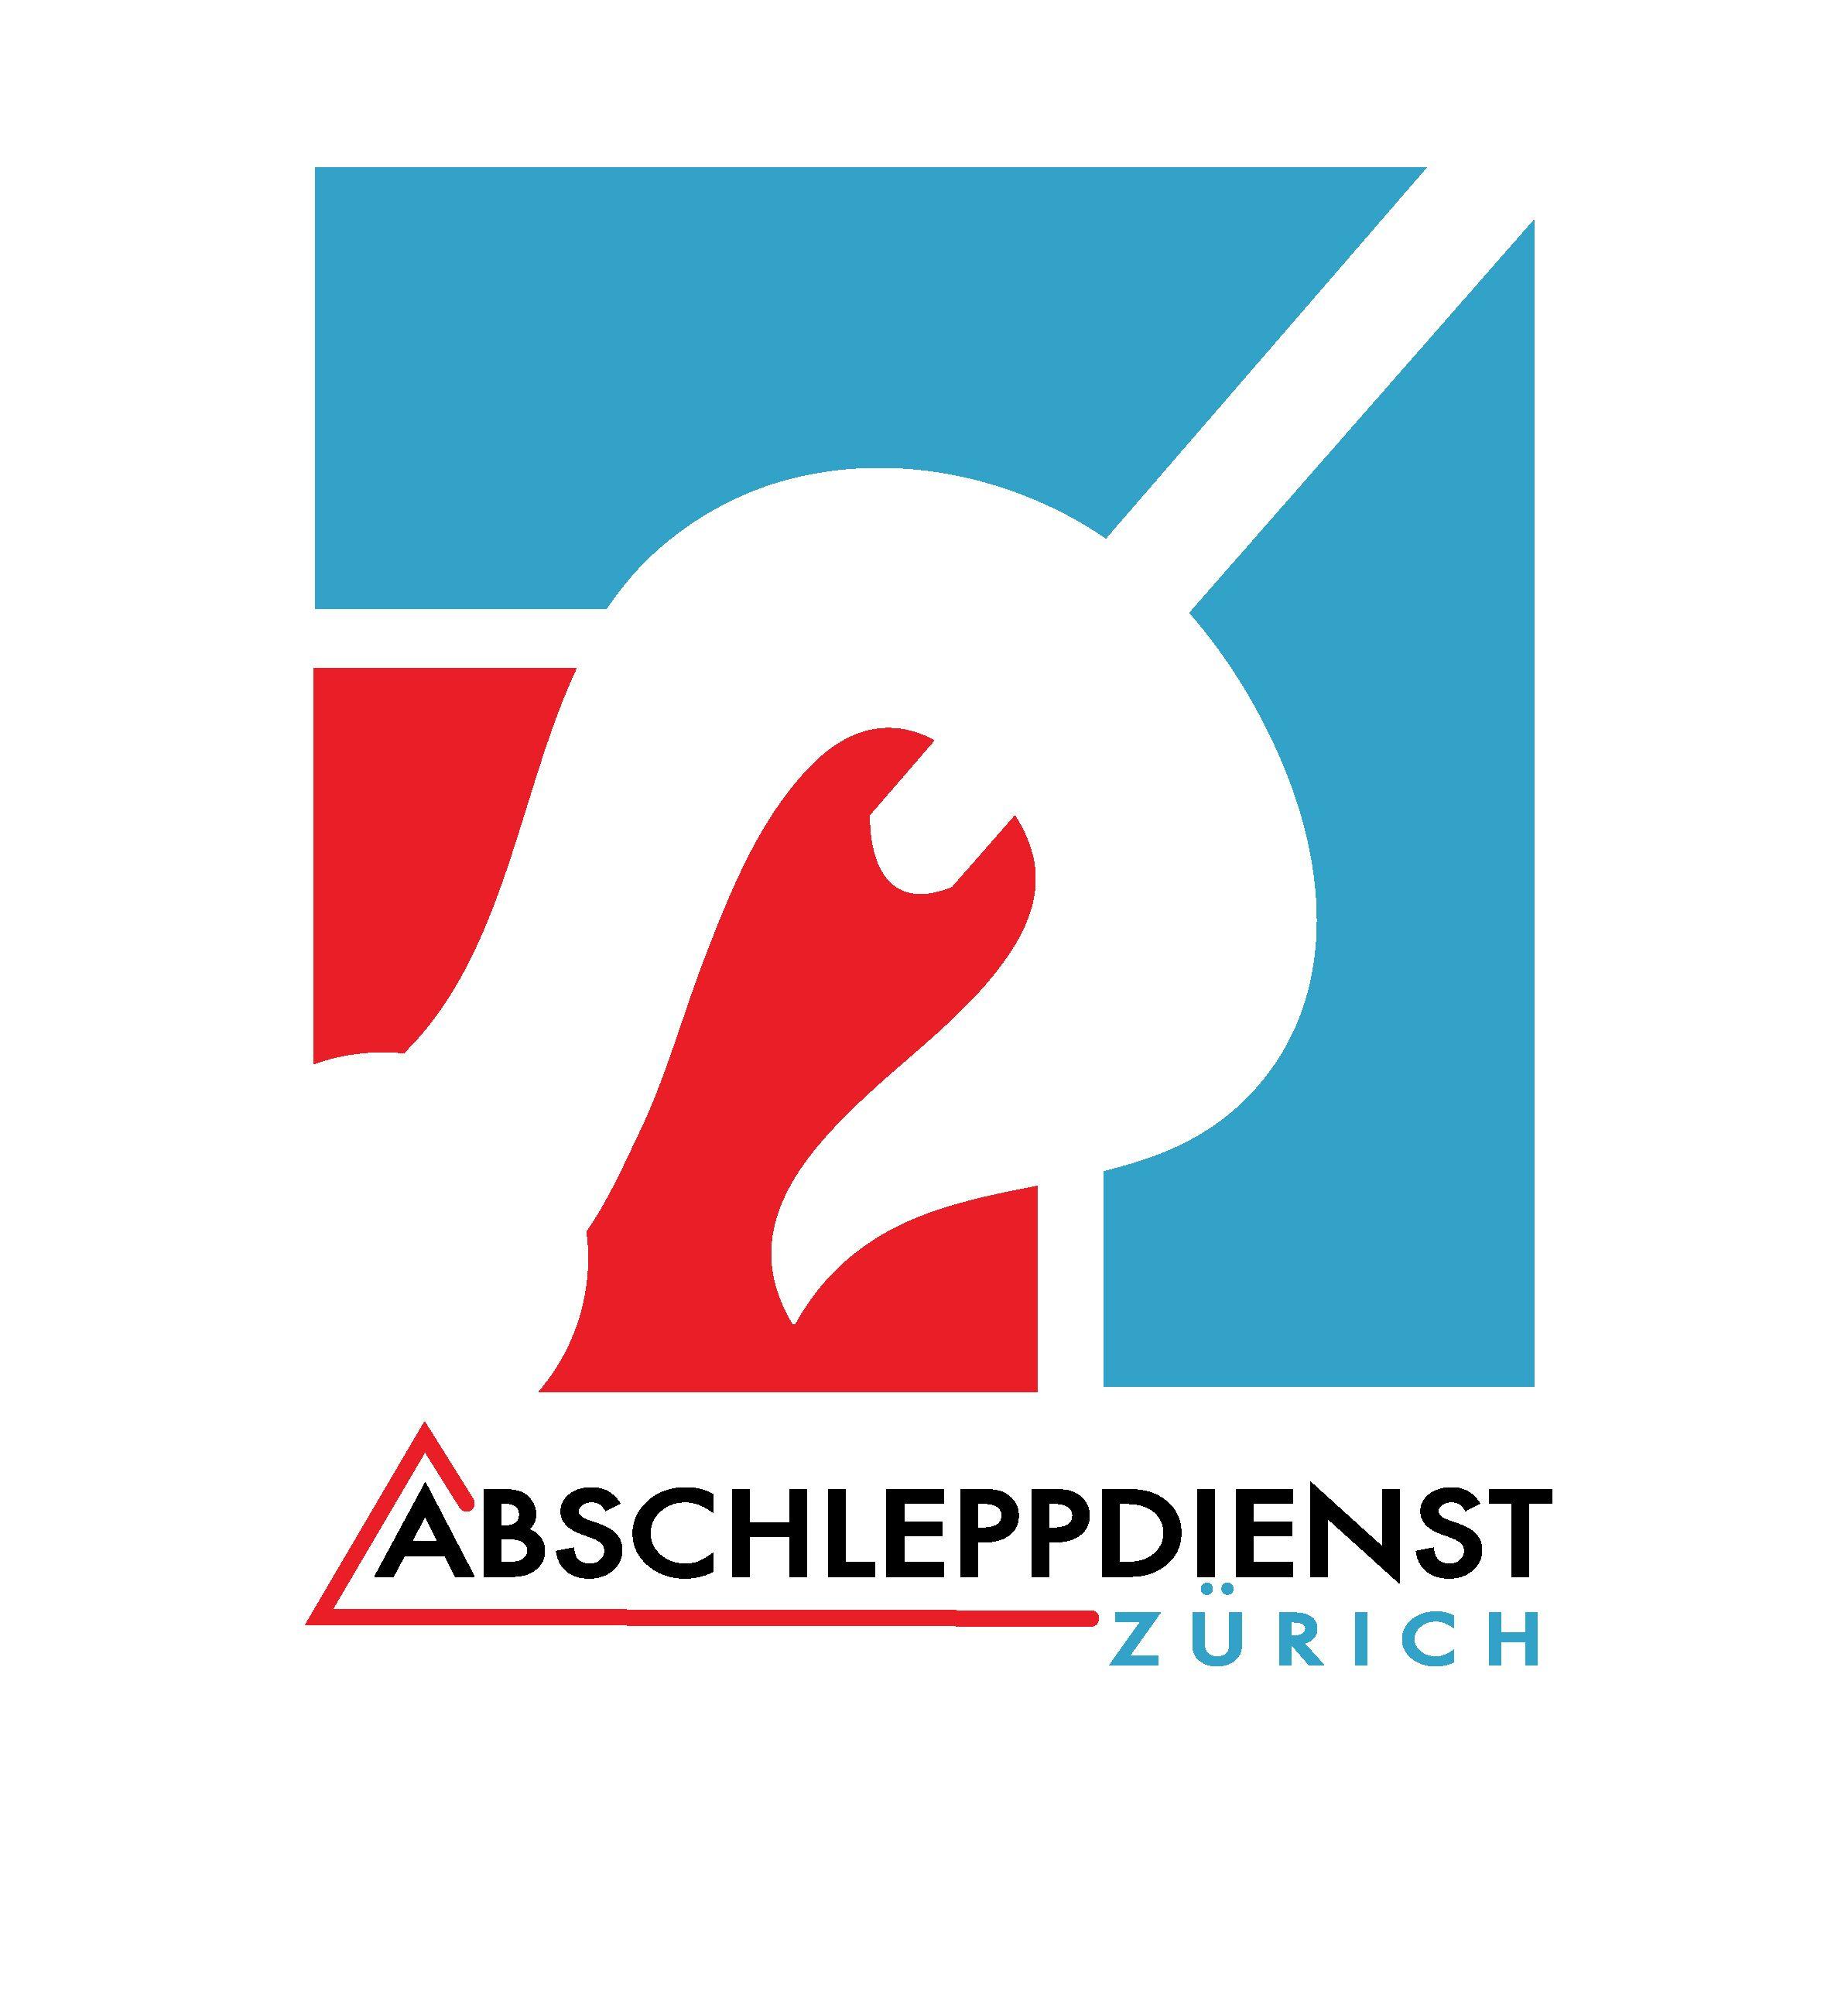 Abschleppdienst Zürich